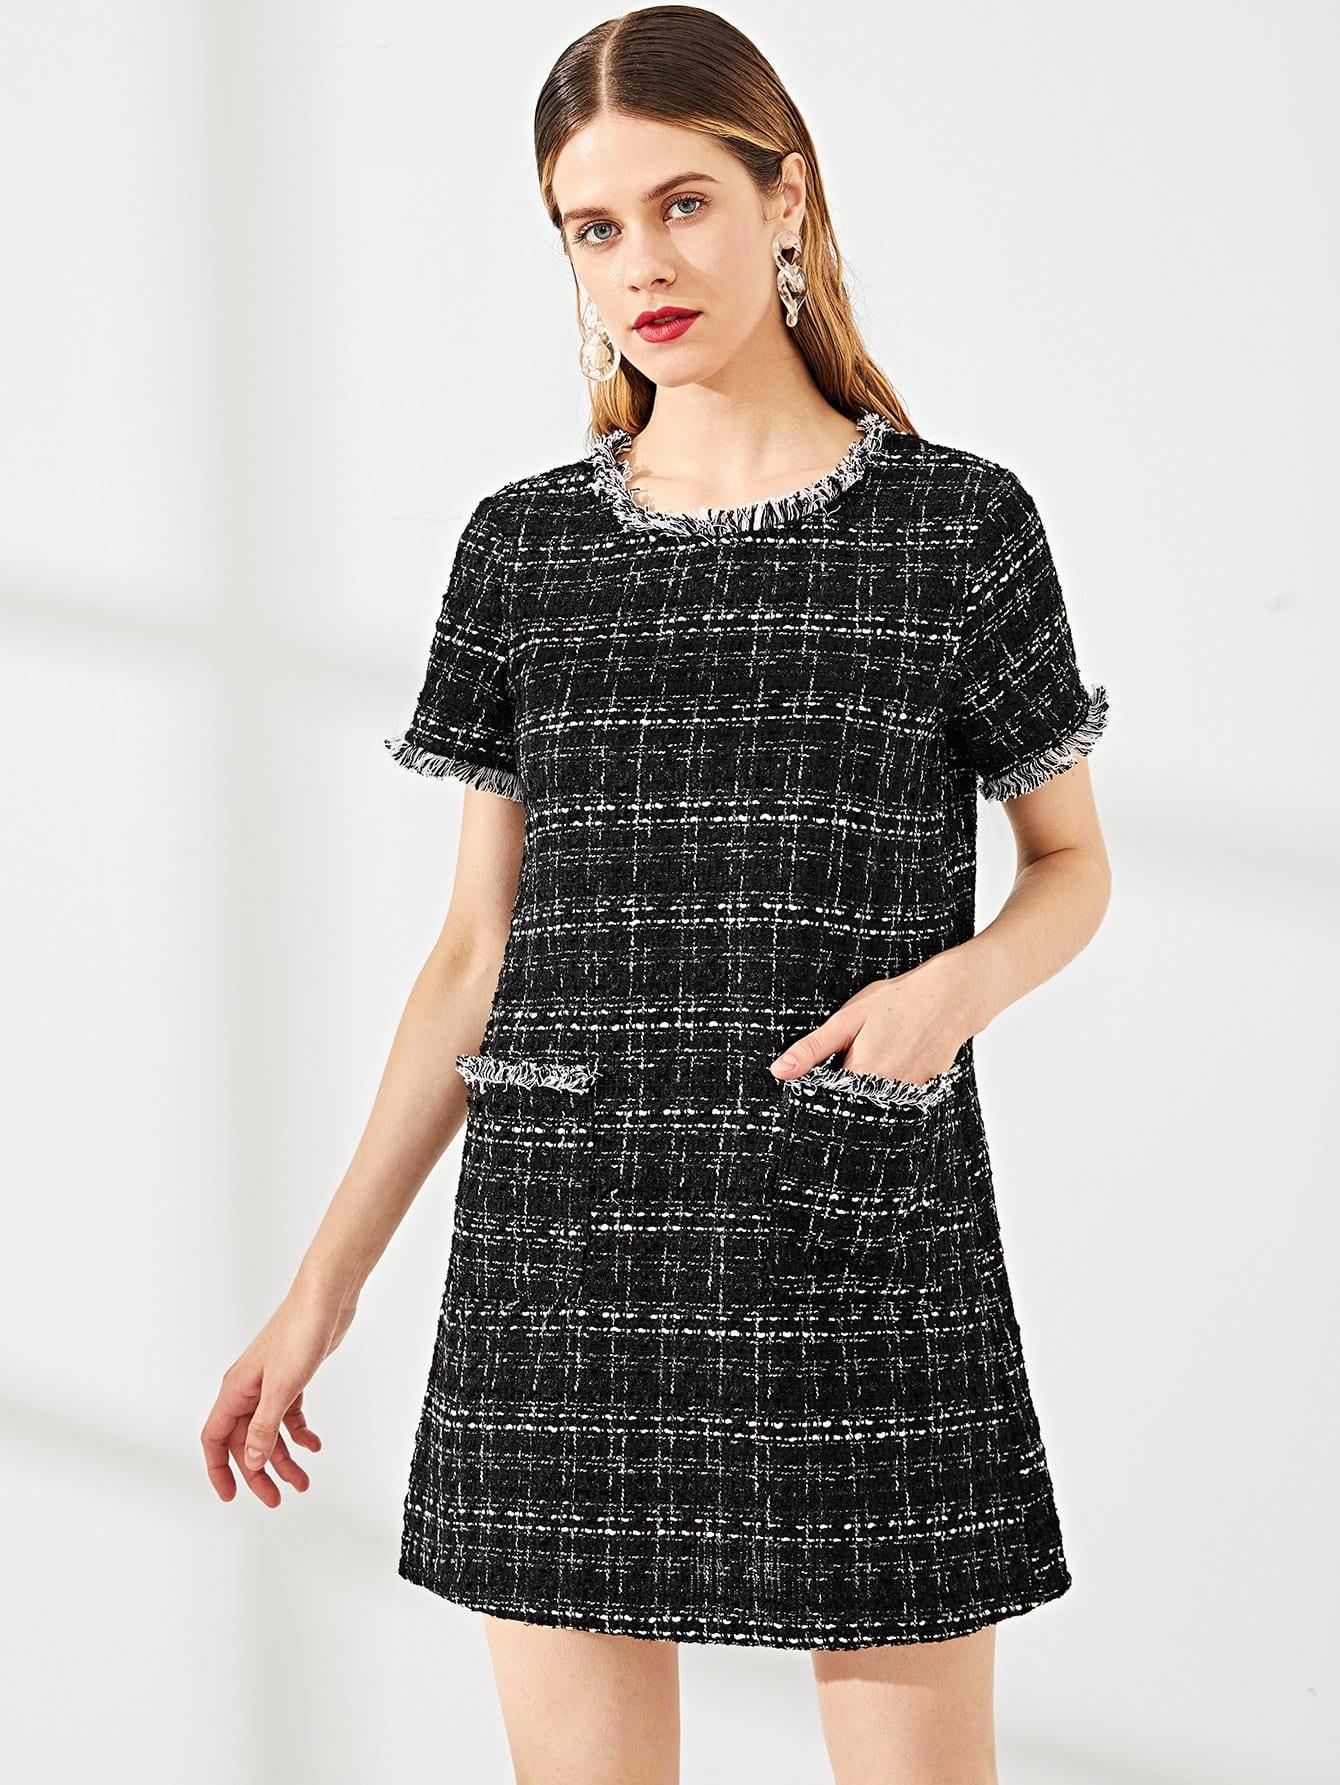 Платья - купить женские модели 2018 года, интернет-магазин каталог ... 166f8026a69